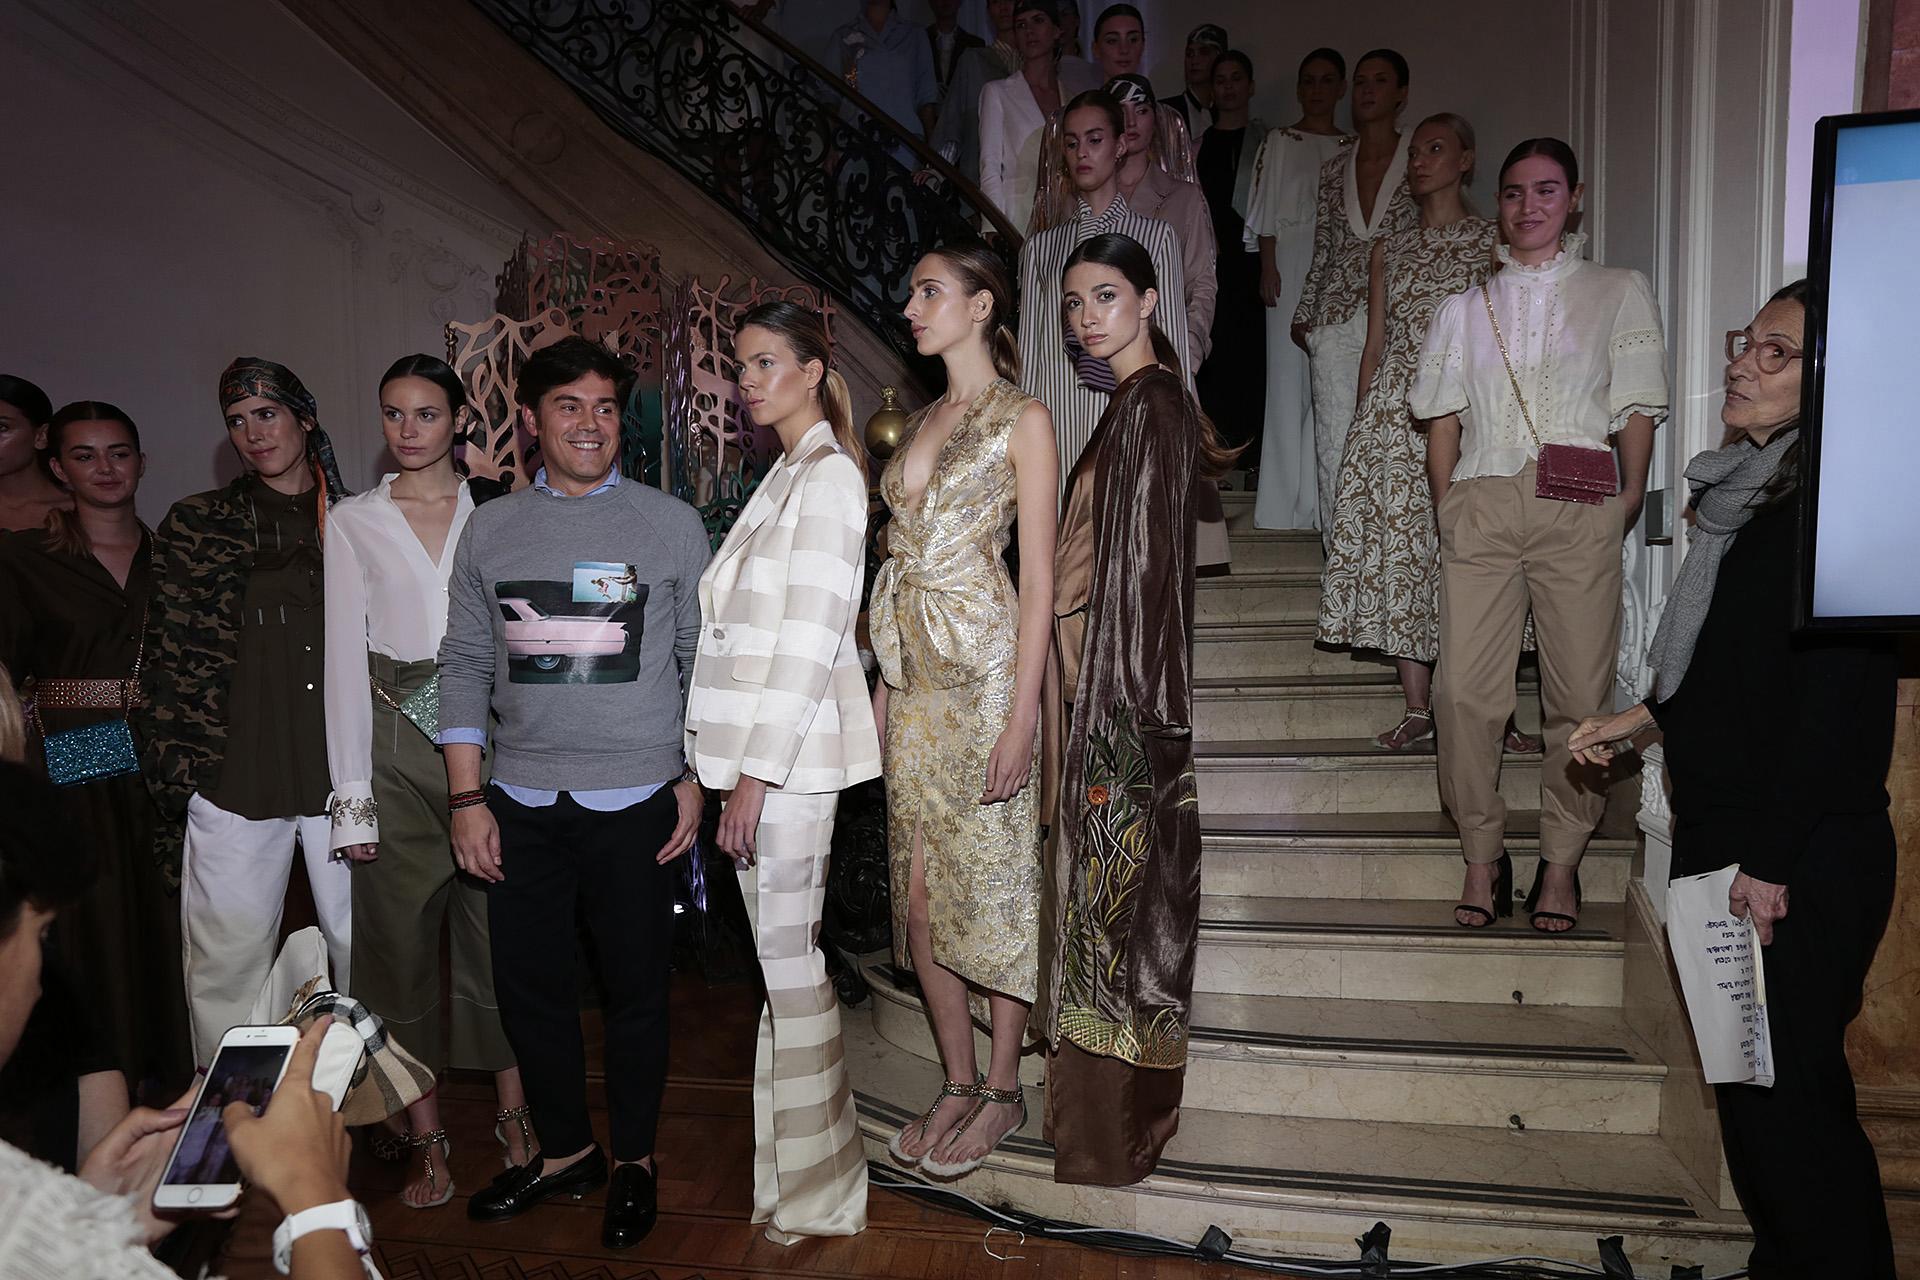 Jorge Vázquez,el diseñador español, presentó su última colección y fue ovacionado